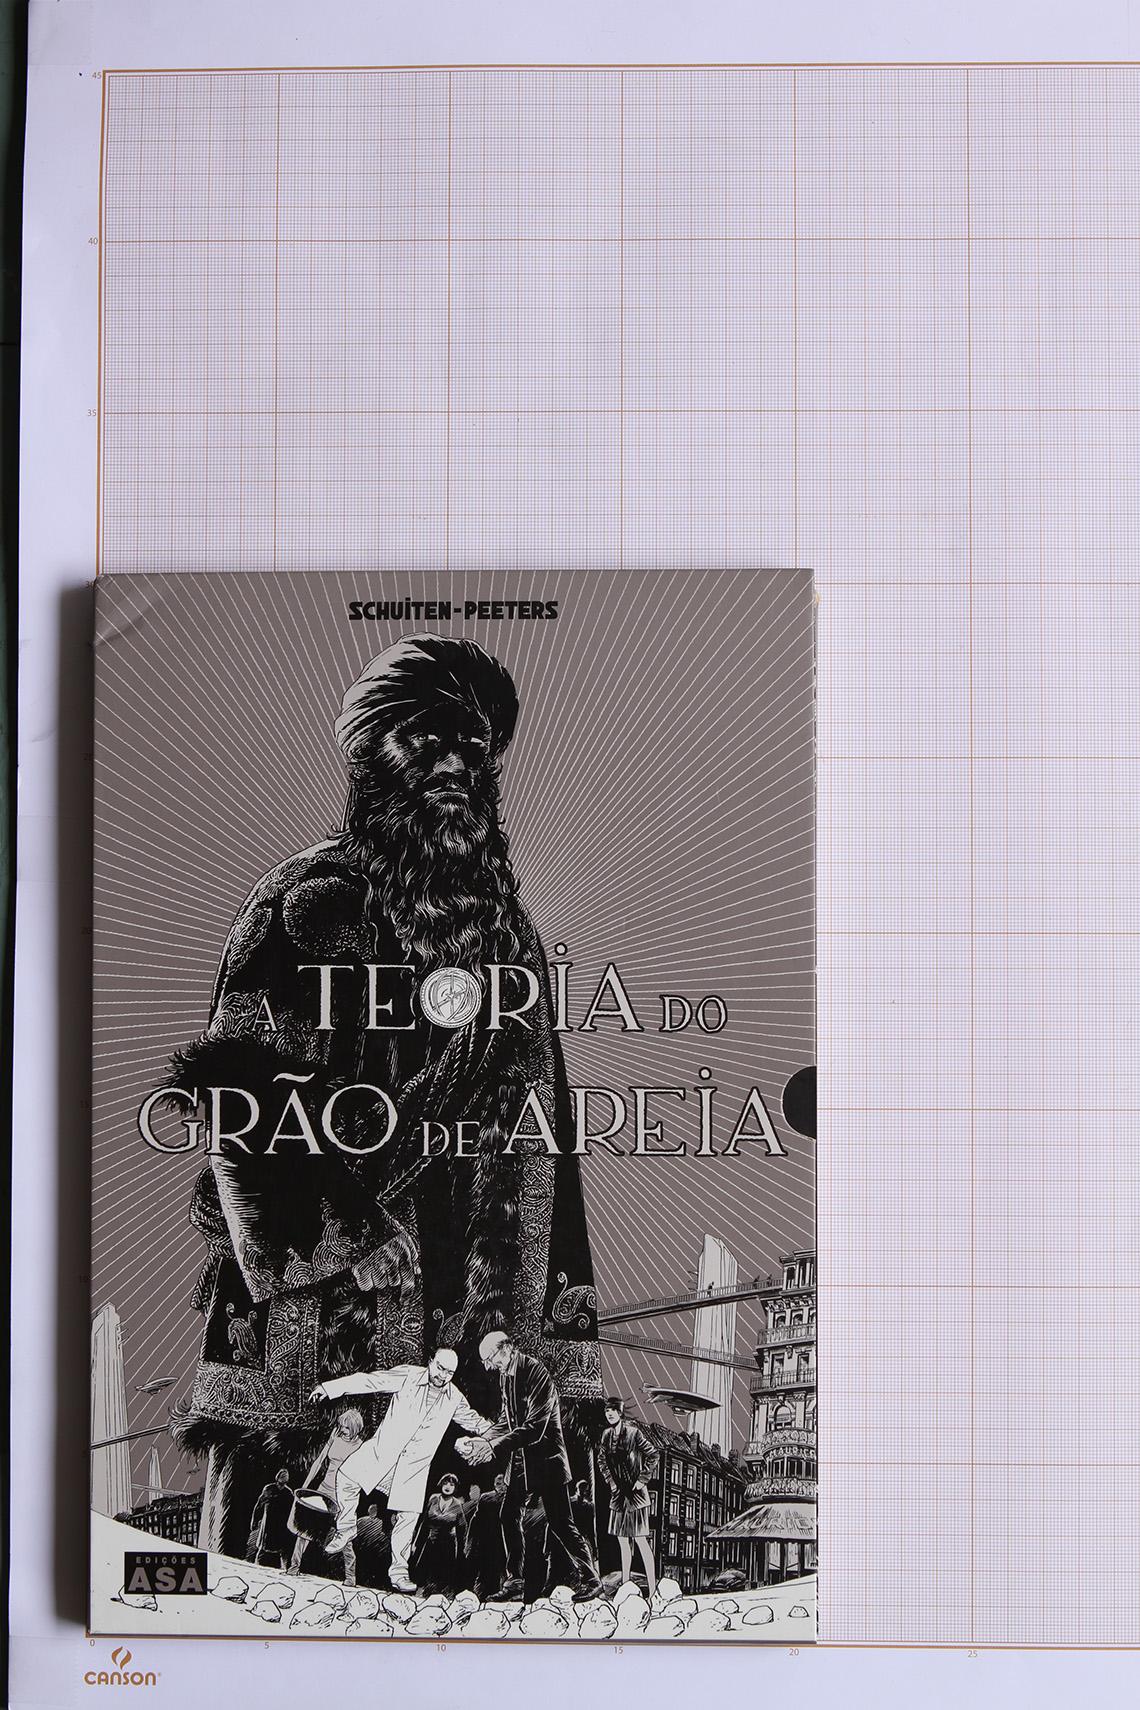 A Teoria do grão de areia 1, F.Schuiten & B.Peeters - Edições ASA© Maison Autrique, 2009